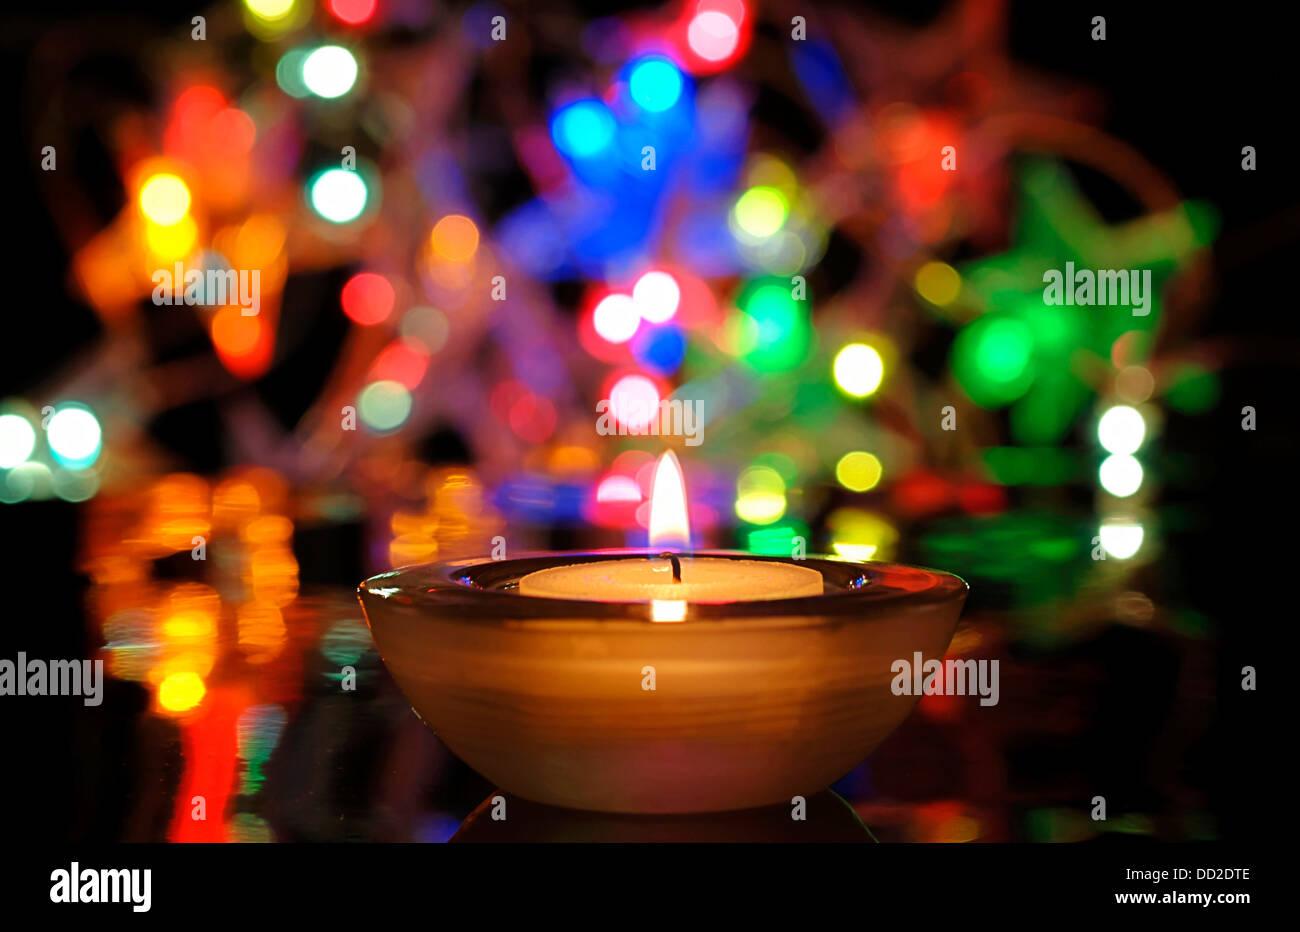 Weihnachtsbeleuchtung und brennende Kerze Stockbild